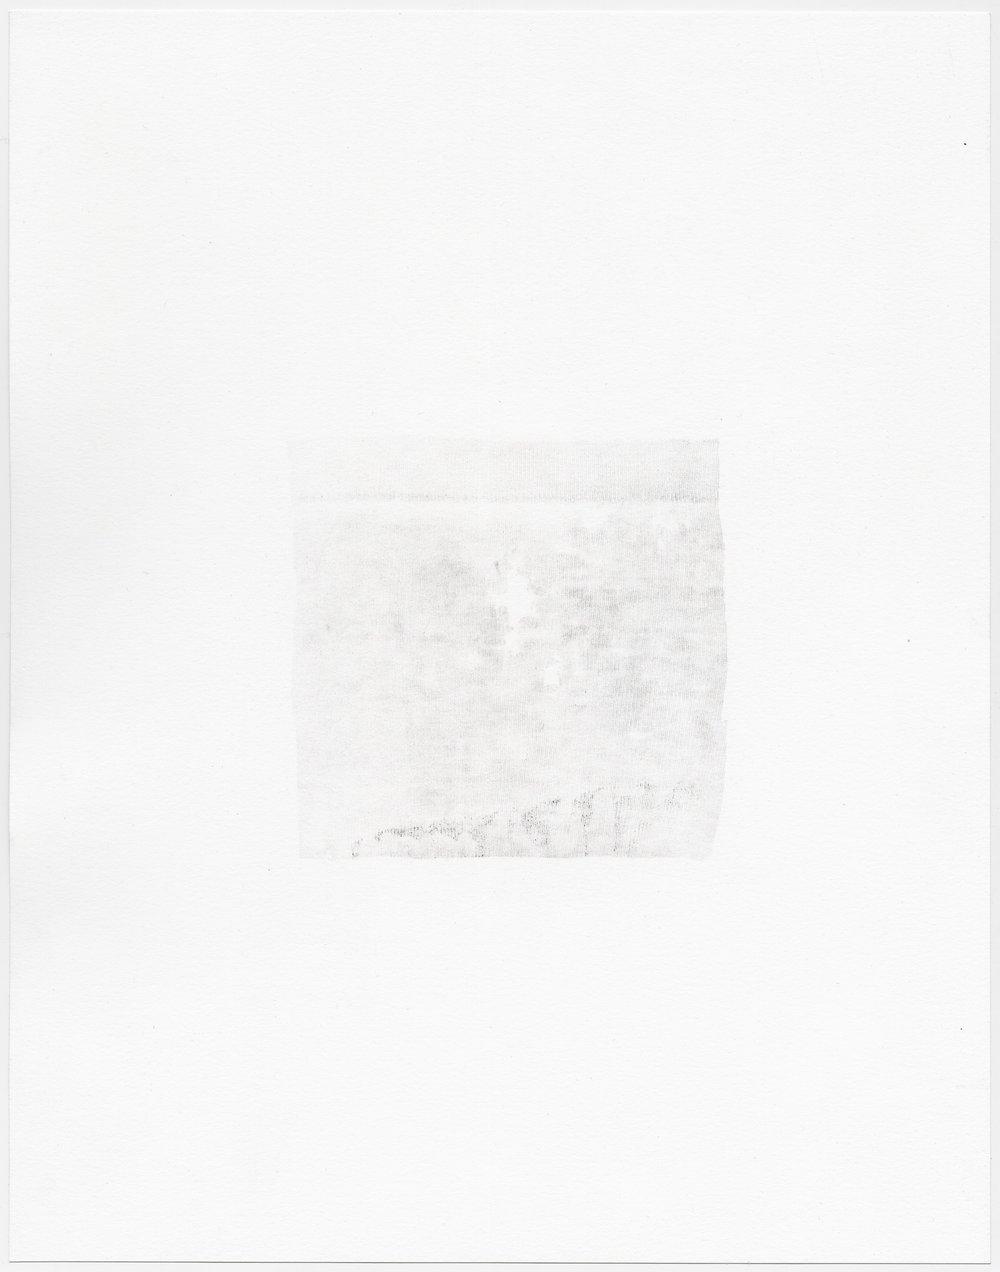 © Sophie Jodoin, %22elle commence ici 12%22, fusain sur papier Stonehenge : charcoal on Stonehenge paper, 35,5 x 28 cm, 2015. Courtesy Galerie C.jpg